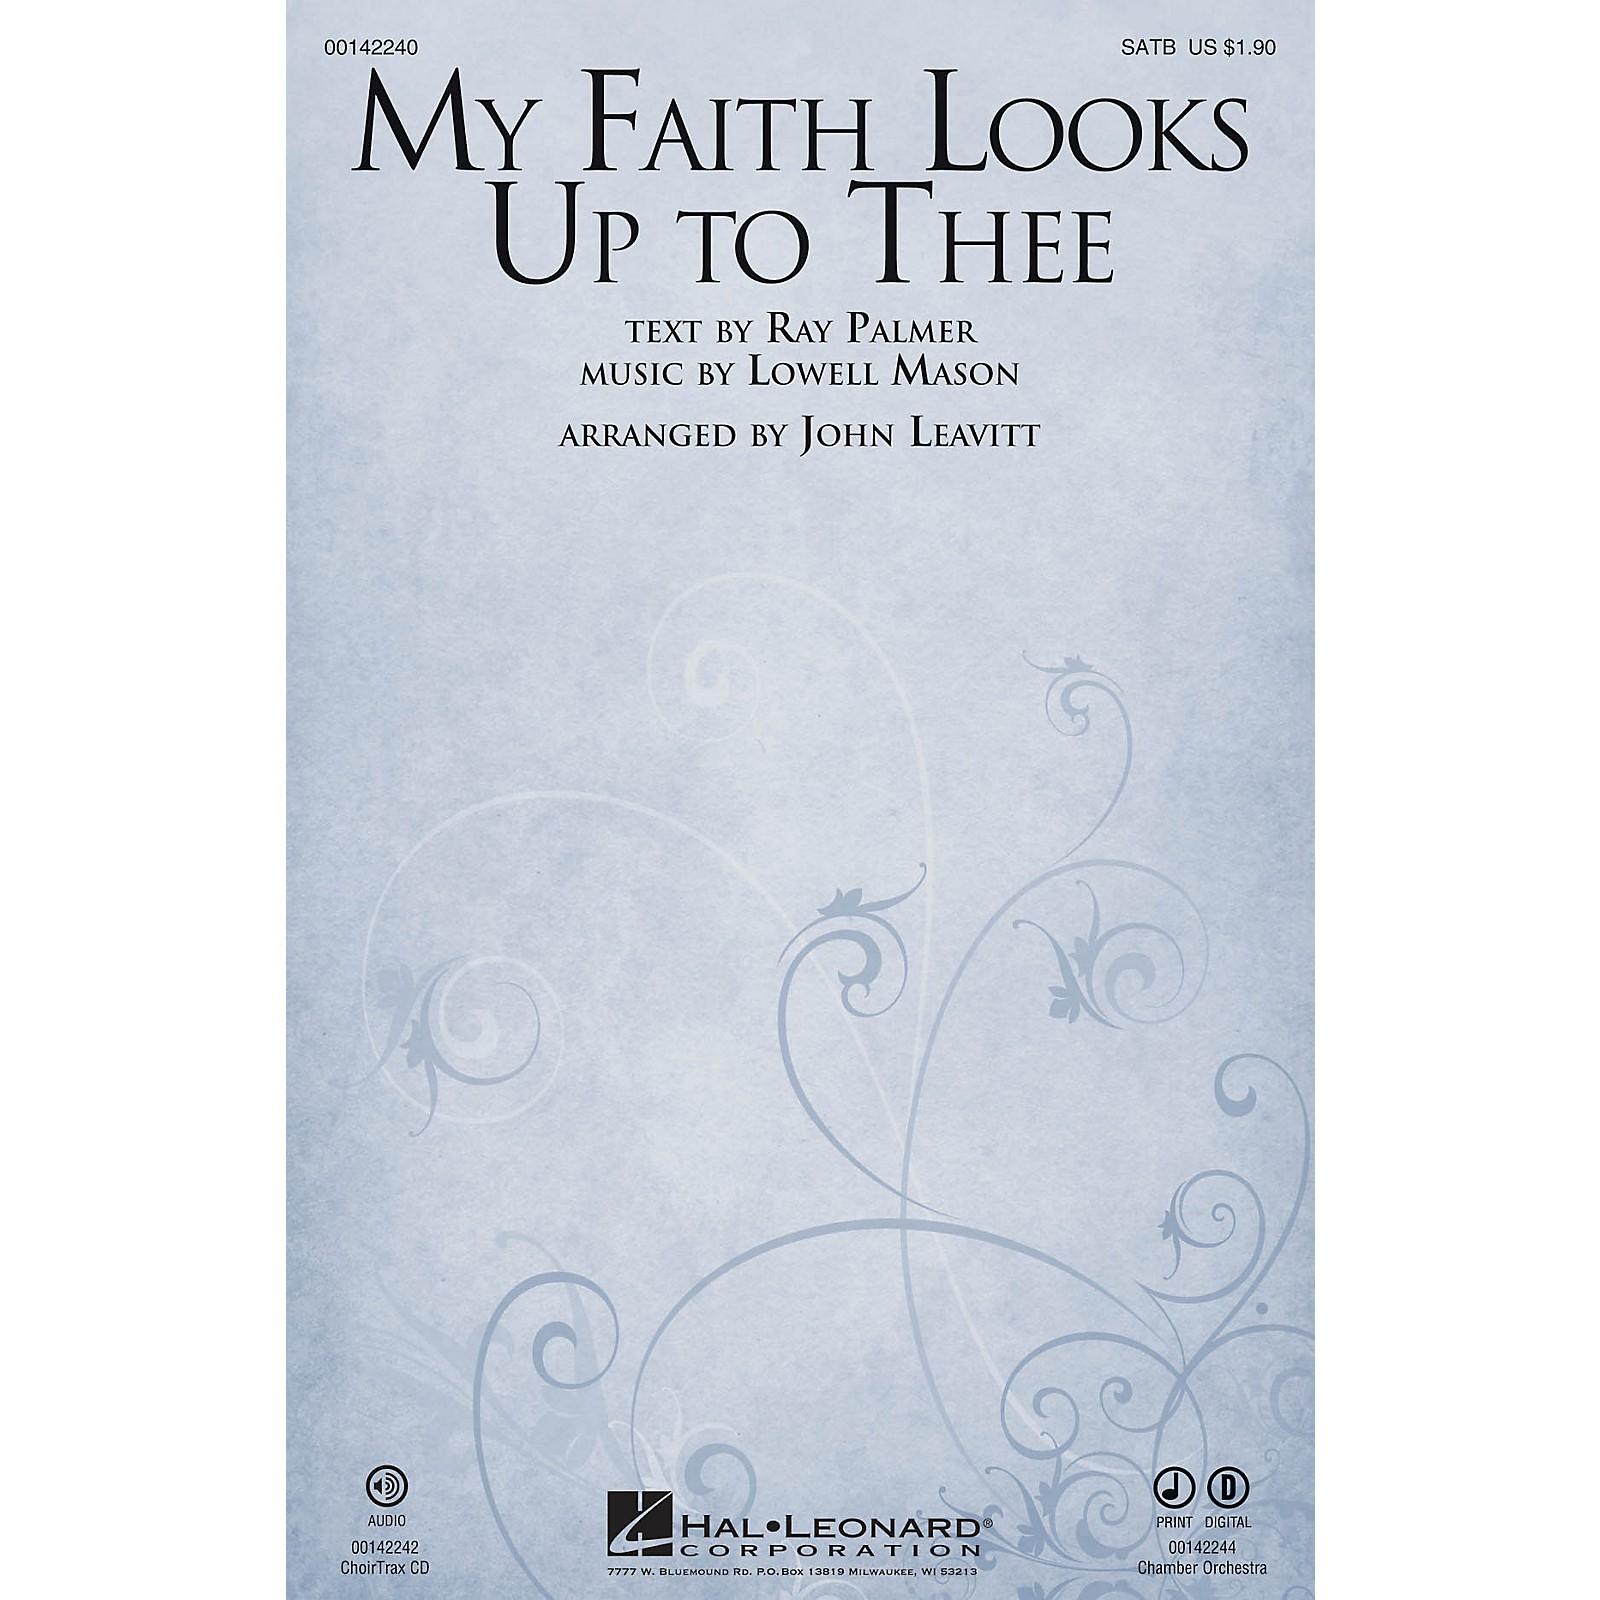 Hal Leonard My Faith Looks Up to Thee CHOIRTRAX CD Arranged by John Leavitt